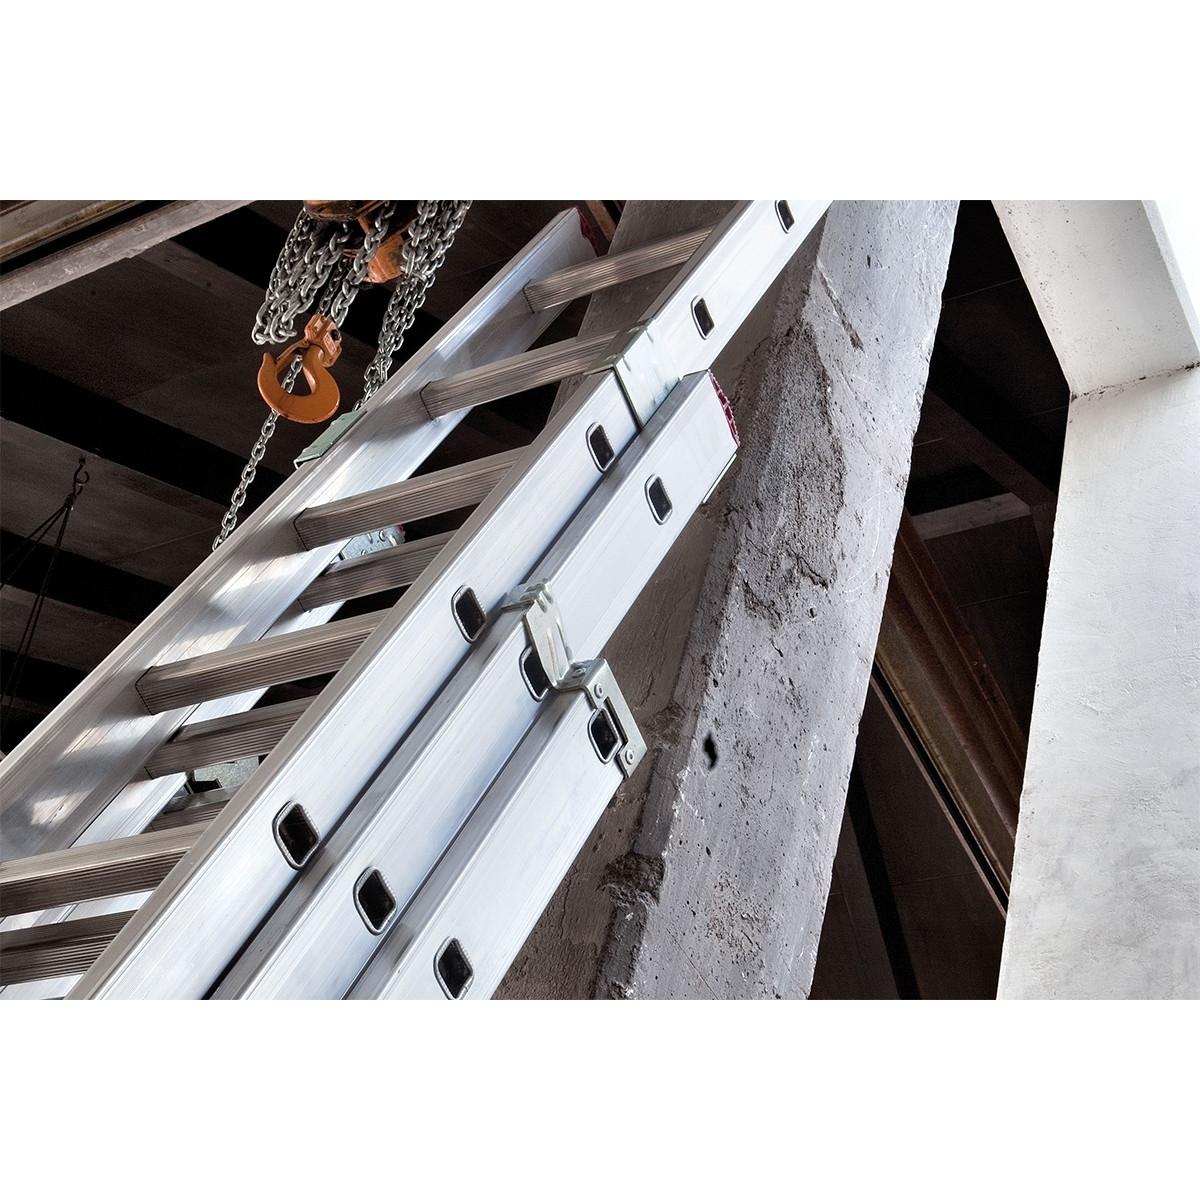 Escalera 3 tramos 9 peldaños 2.50 - 6.00 m Escaleras profesionales